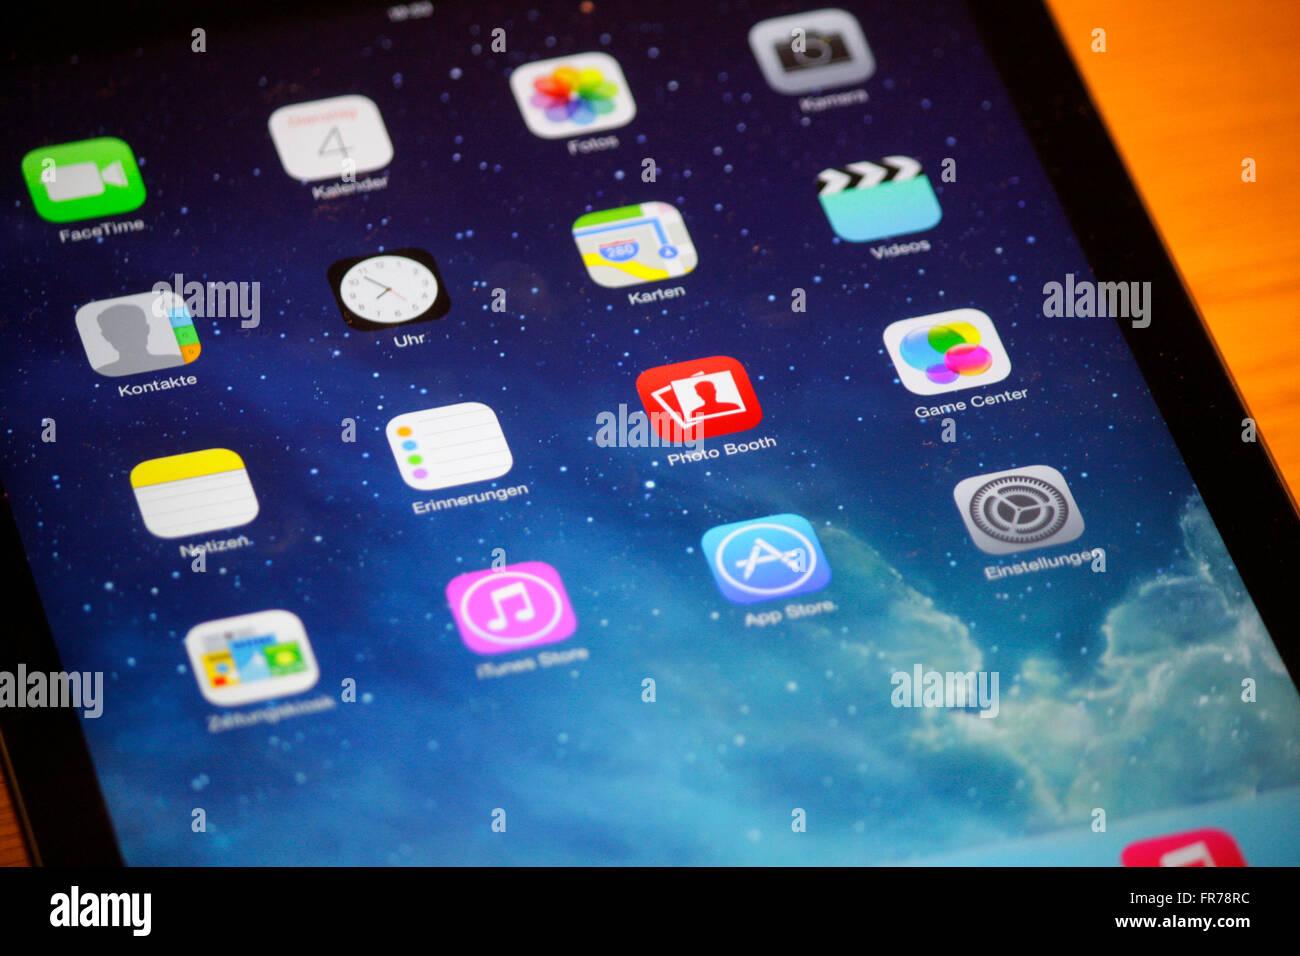 Apps auf einem IPAD der Firma 'Apple', Berlin. - Stock Image